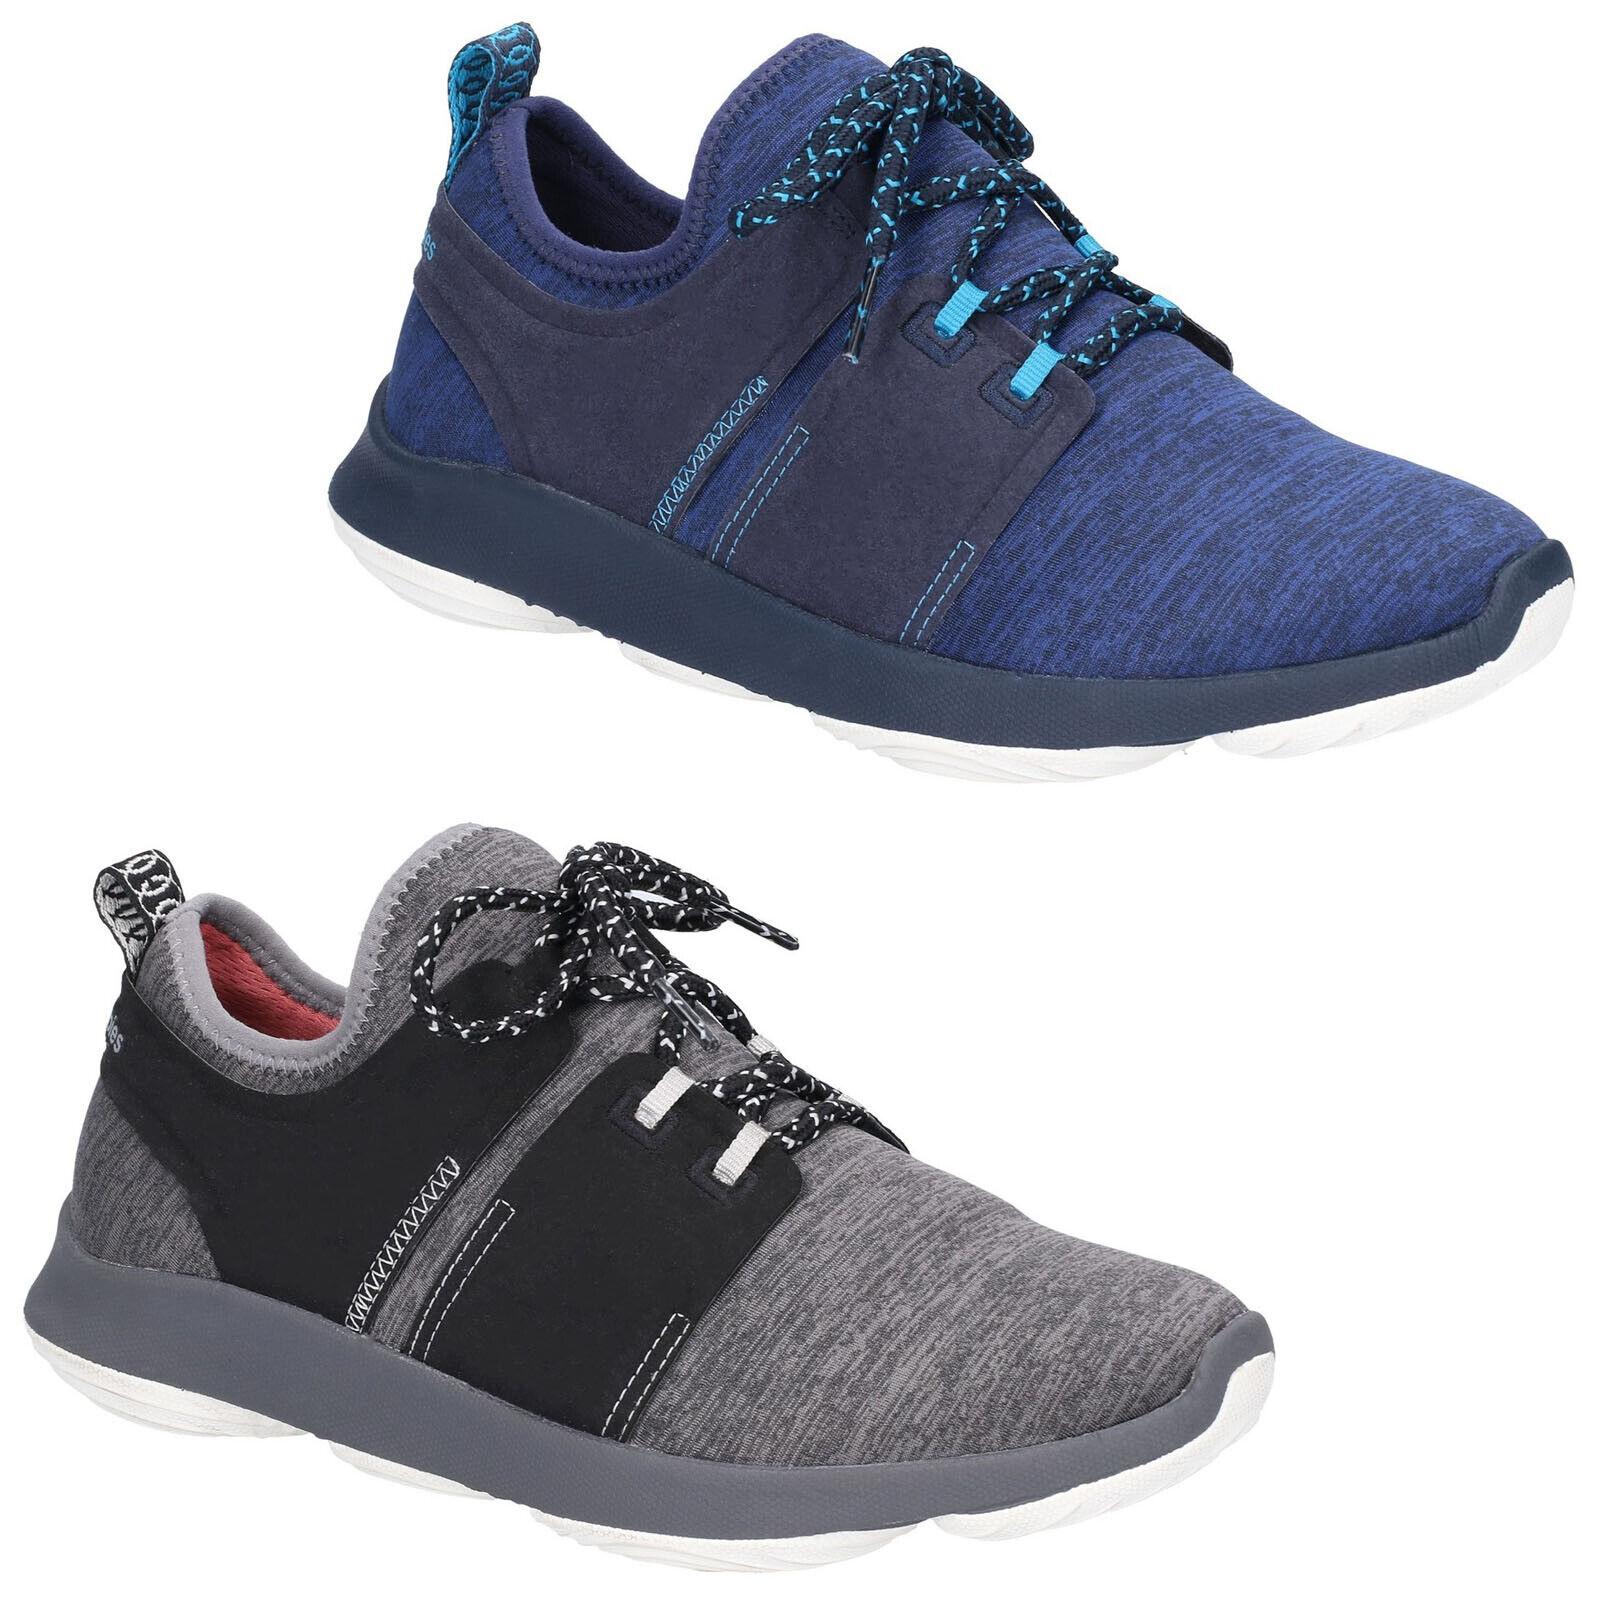 Hush Puppies Geo bouncemax para Mujer Zapatillas  Deportivas Tenis Zapatos De Malla biodewix  100% precio garantizado